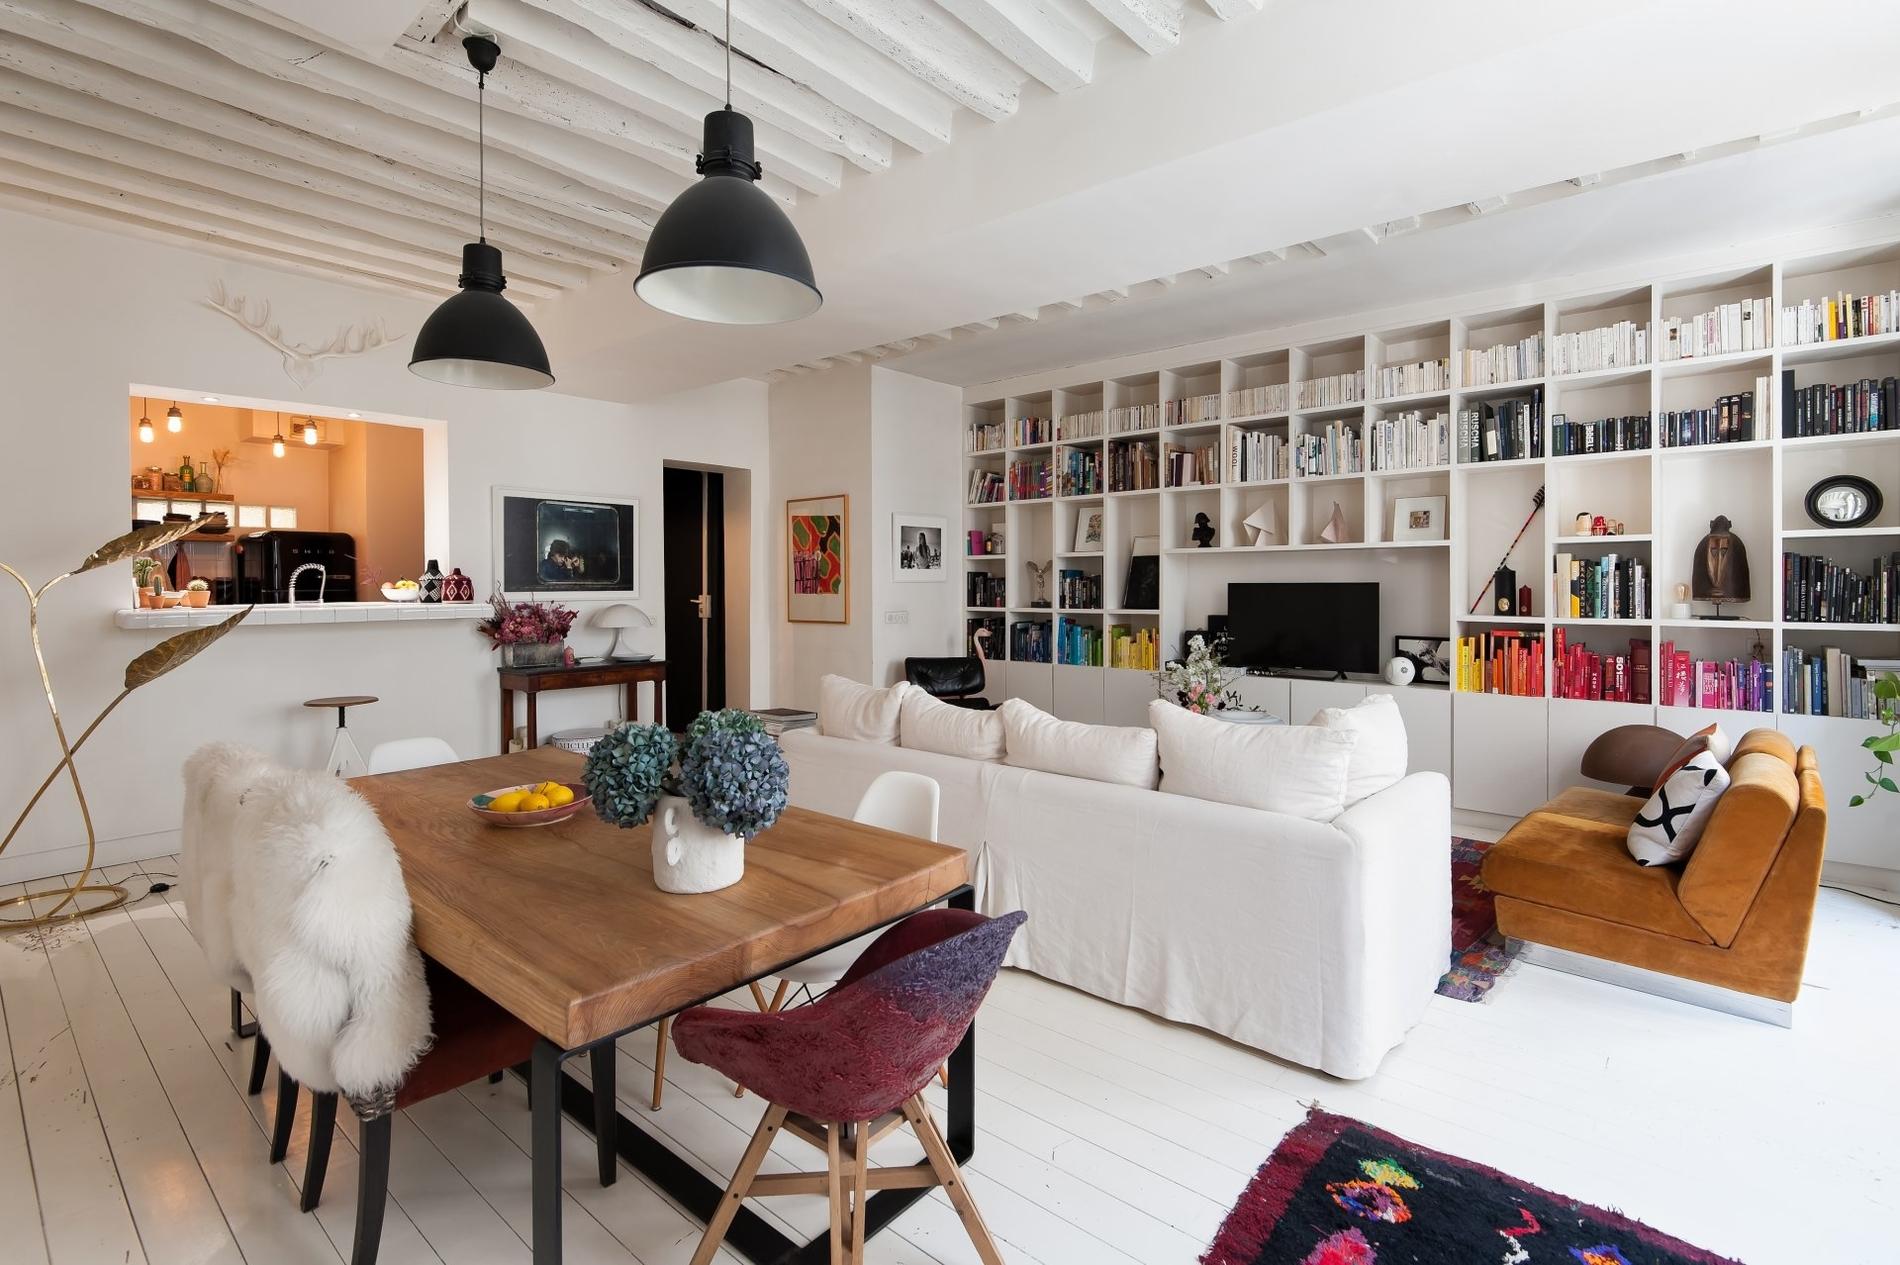 bien-exception-etage-noble-jolie-copropriete-arboree-3eme-arrondissement-charme-ancien-beaux-volumes